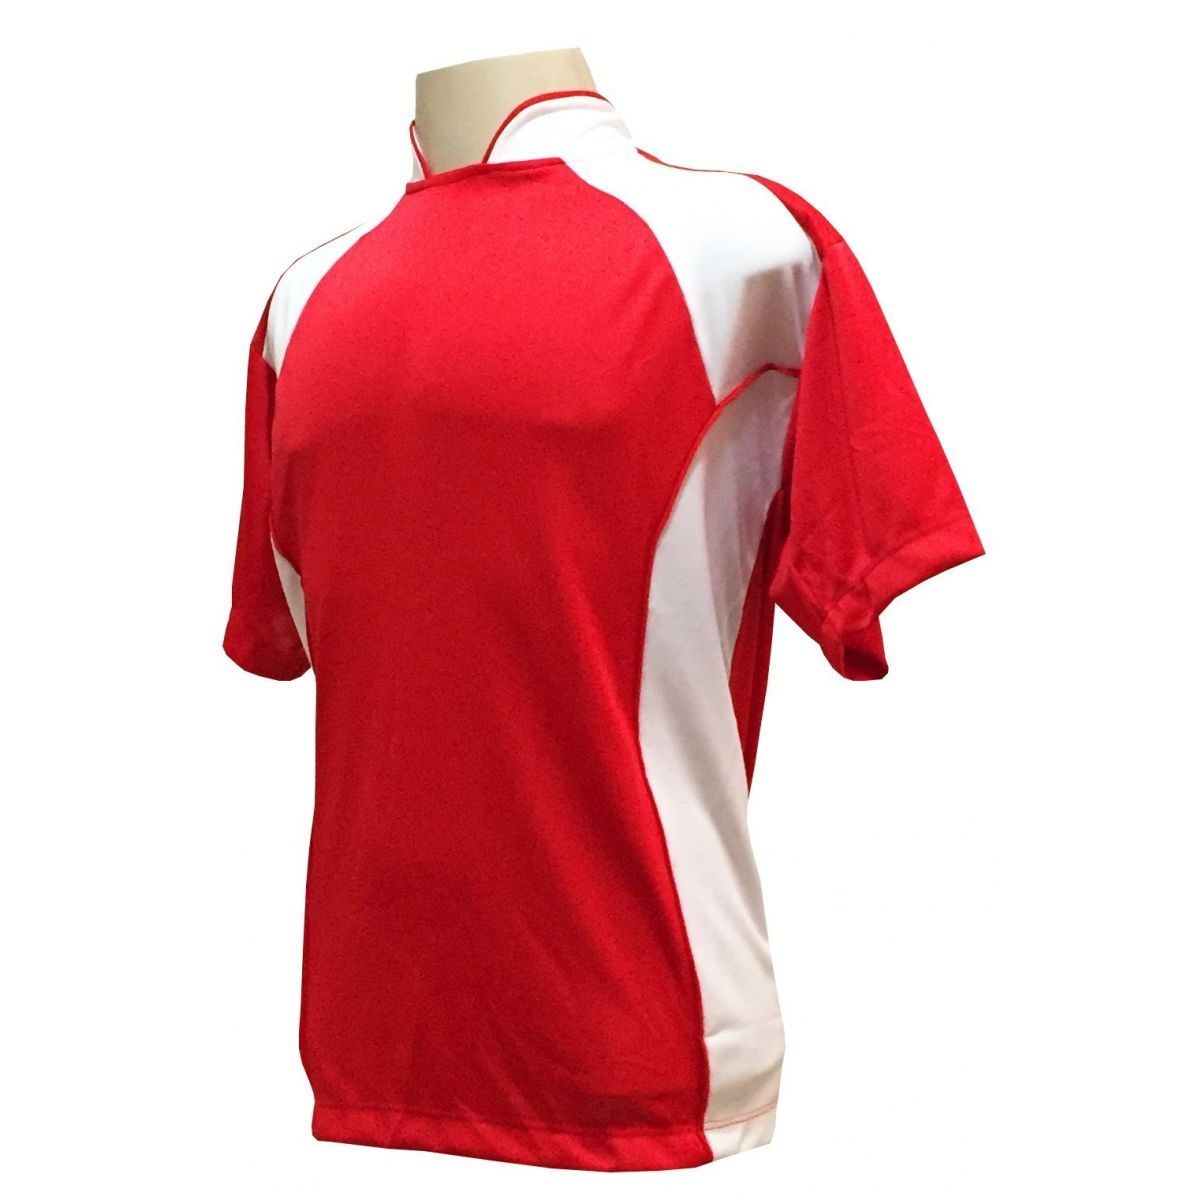 Uniforme Esportivo Completo modelo Suécia 14+1 (14 camisas Vermelho/Branco + 14 calções Madrid Vermelho + 14 pares de meiões Vermelhos + 1 conjunto de goleiro) + Brindes